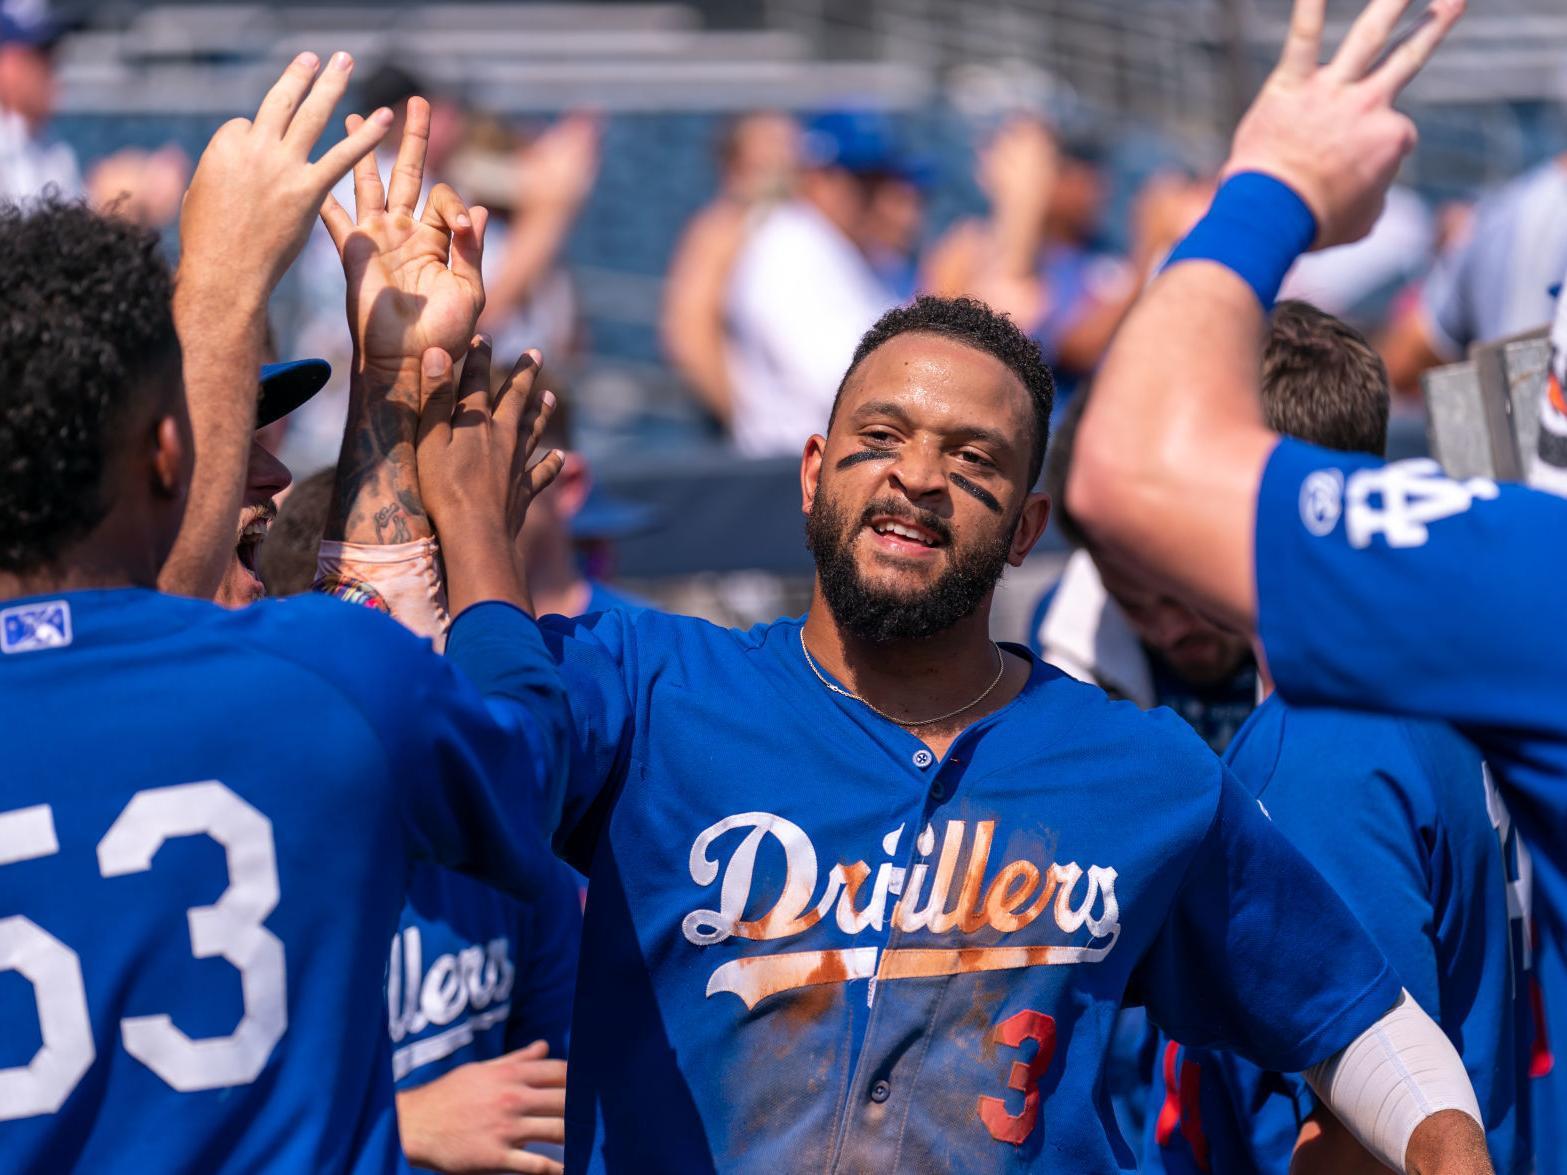 MLB, MILB cancel Drillers' Texas League season | Sports ...